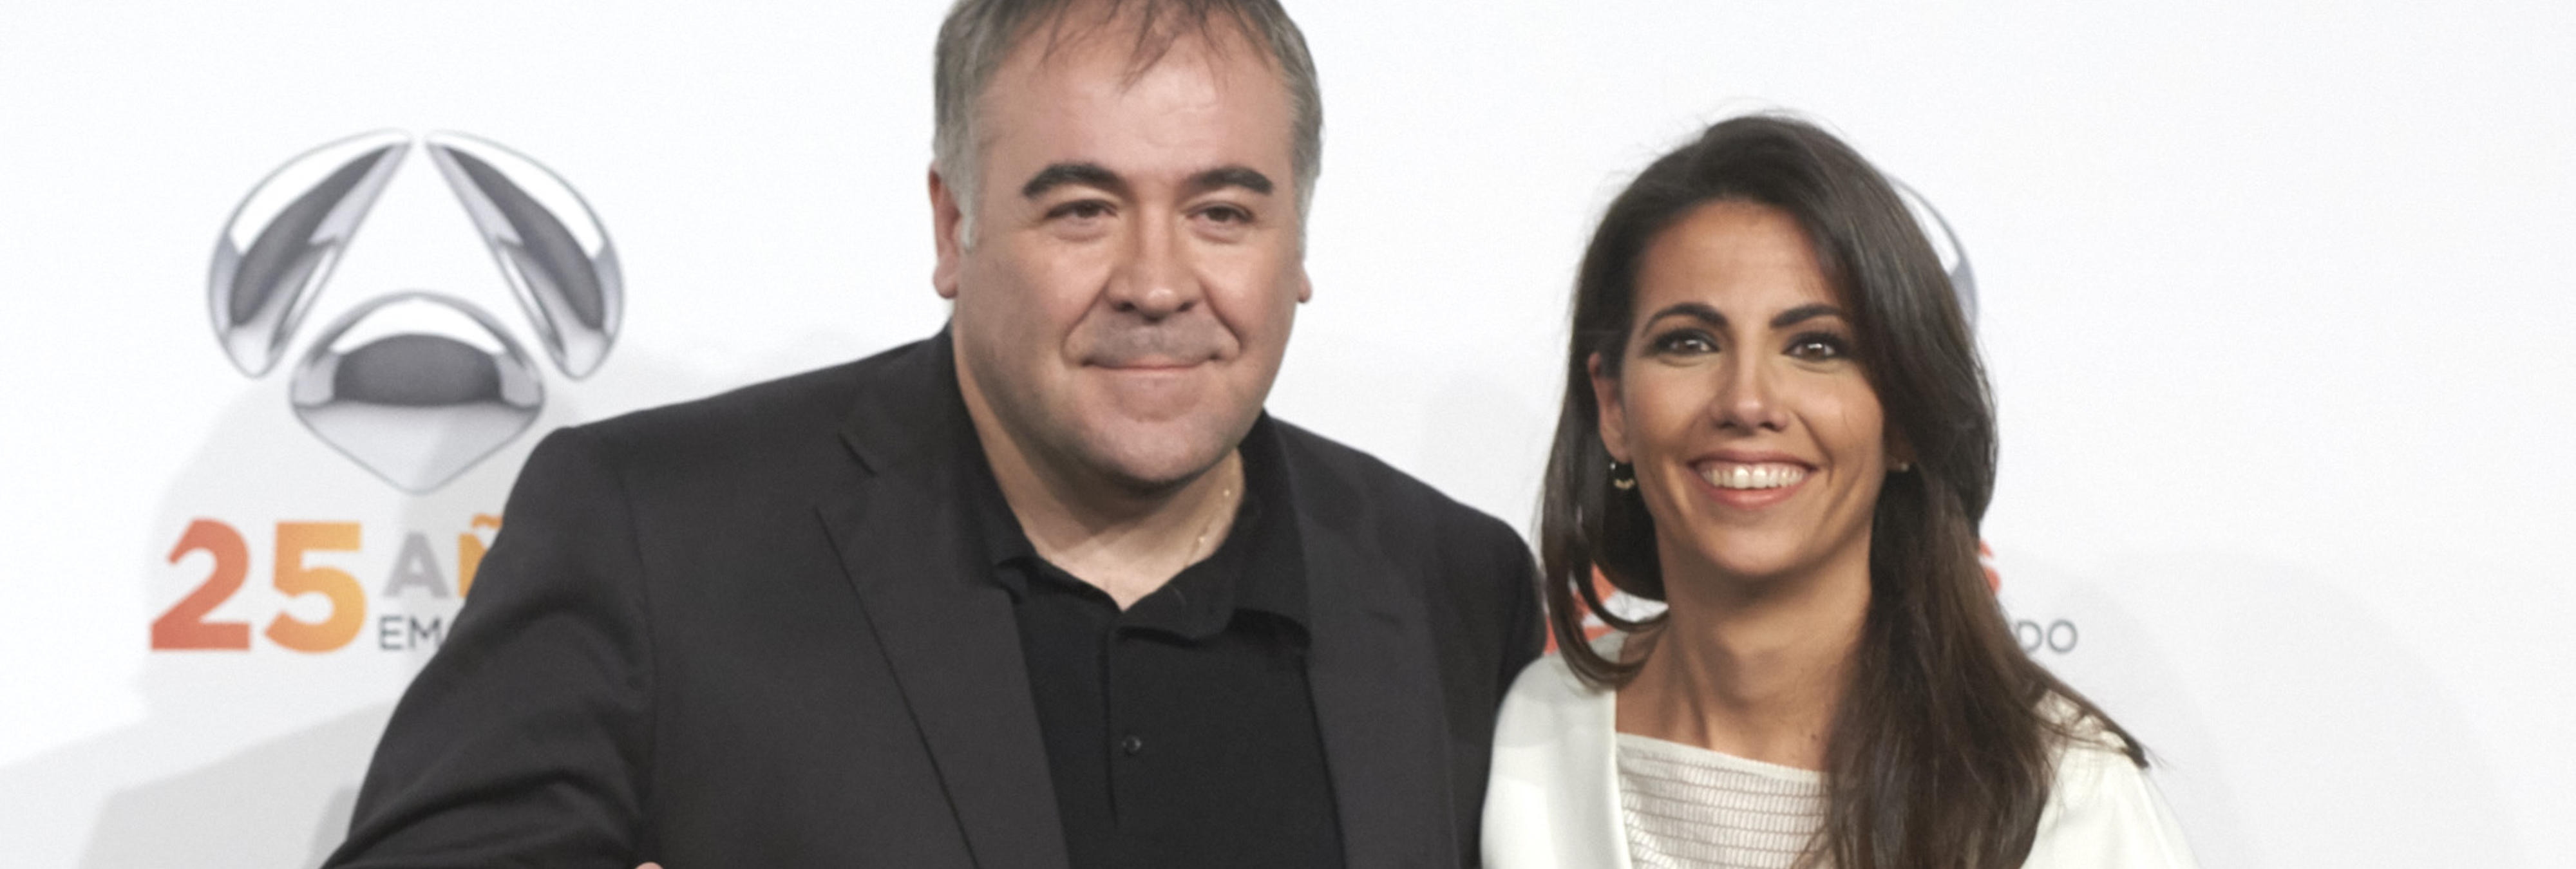 laSexta vuelve a reemplazar a TVE como referente informativo en el Debate del 13-J